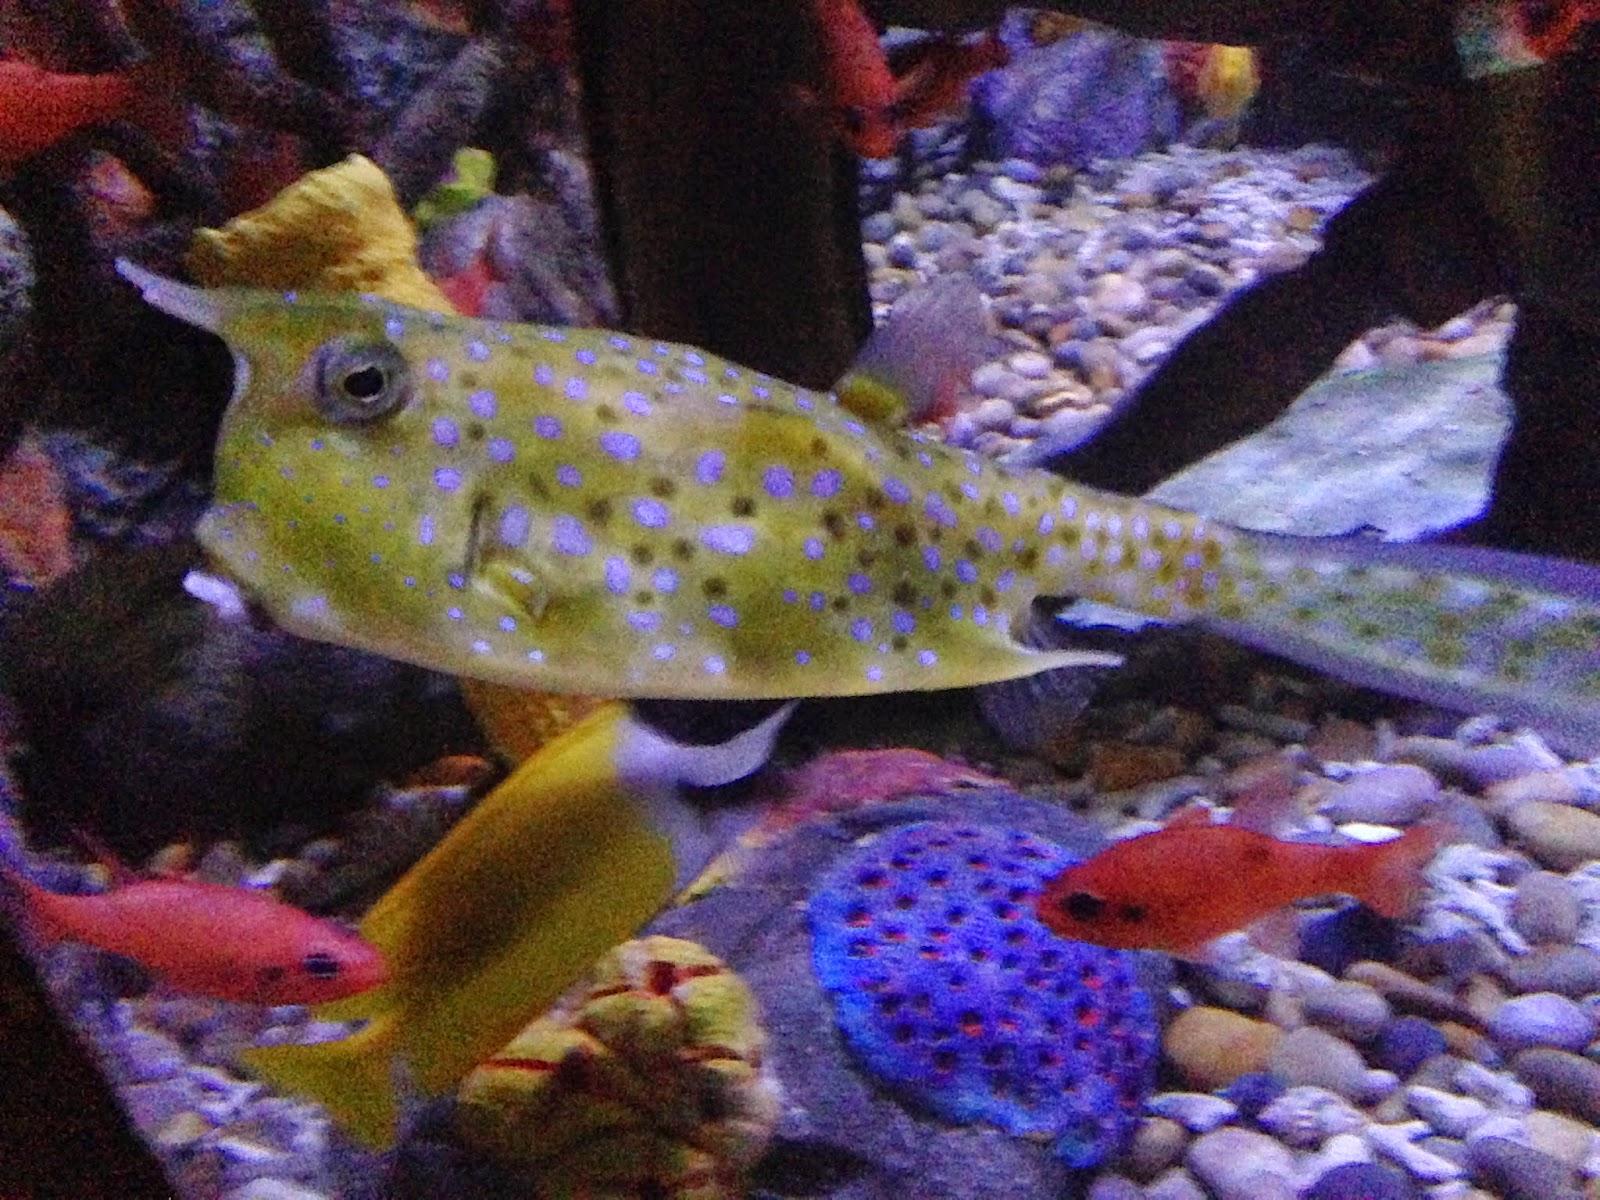 slug fish